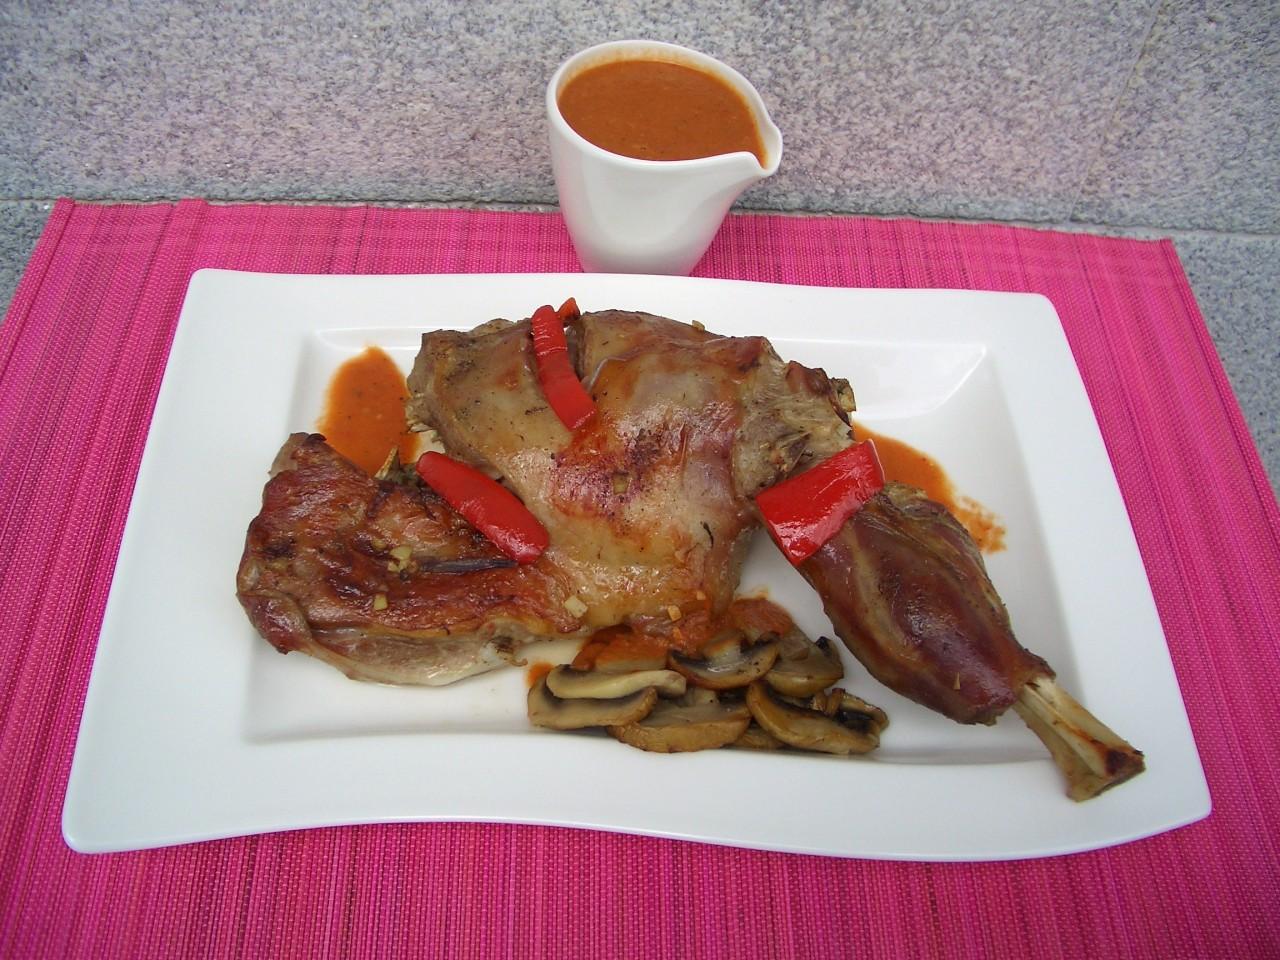 Paletilla de cordero al horno – Roast lambshoulder